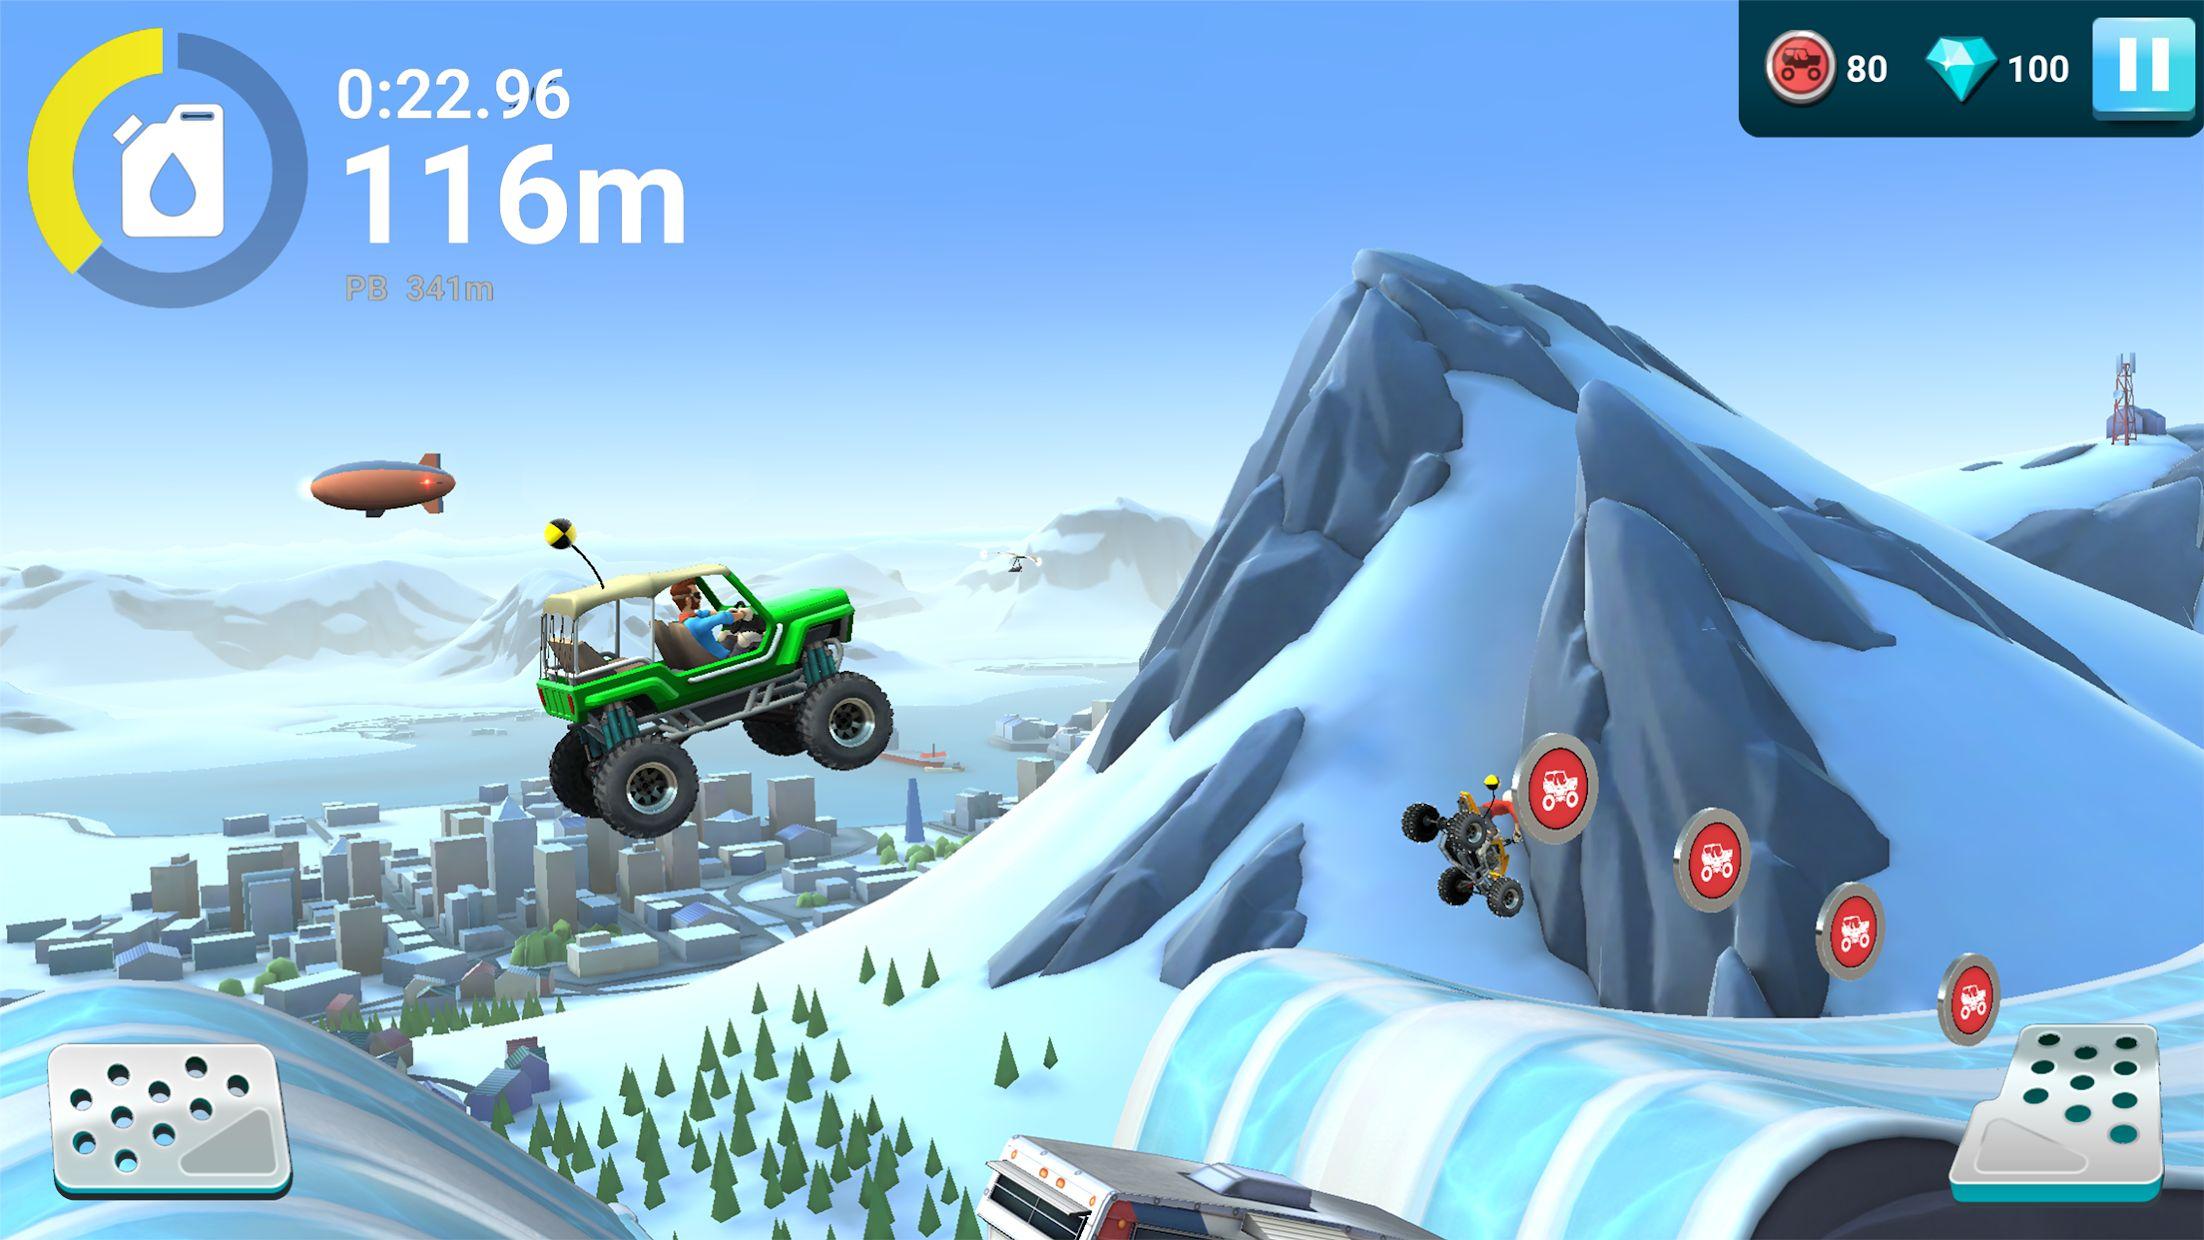 MMX 坡道狂飙 2 – 越野卡车、汽车和机车赛车 游戏截图1